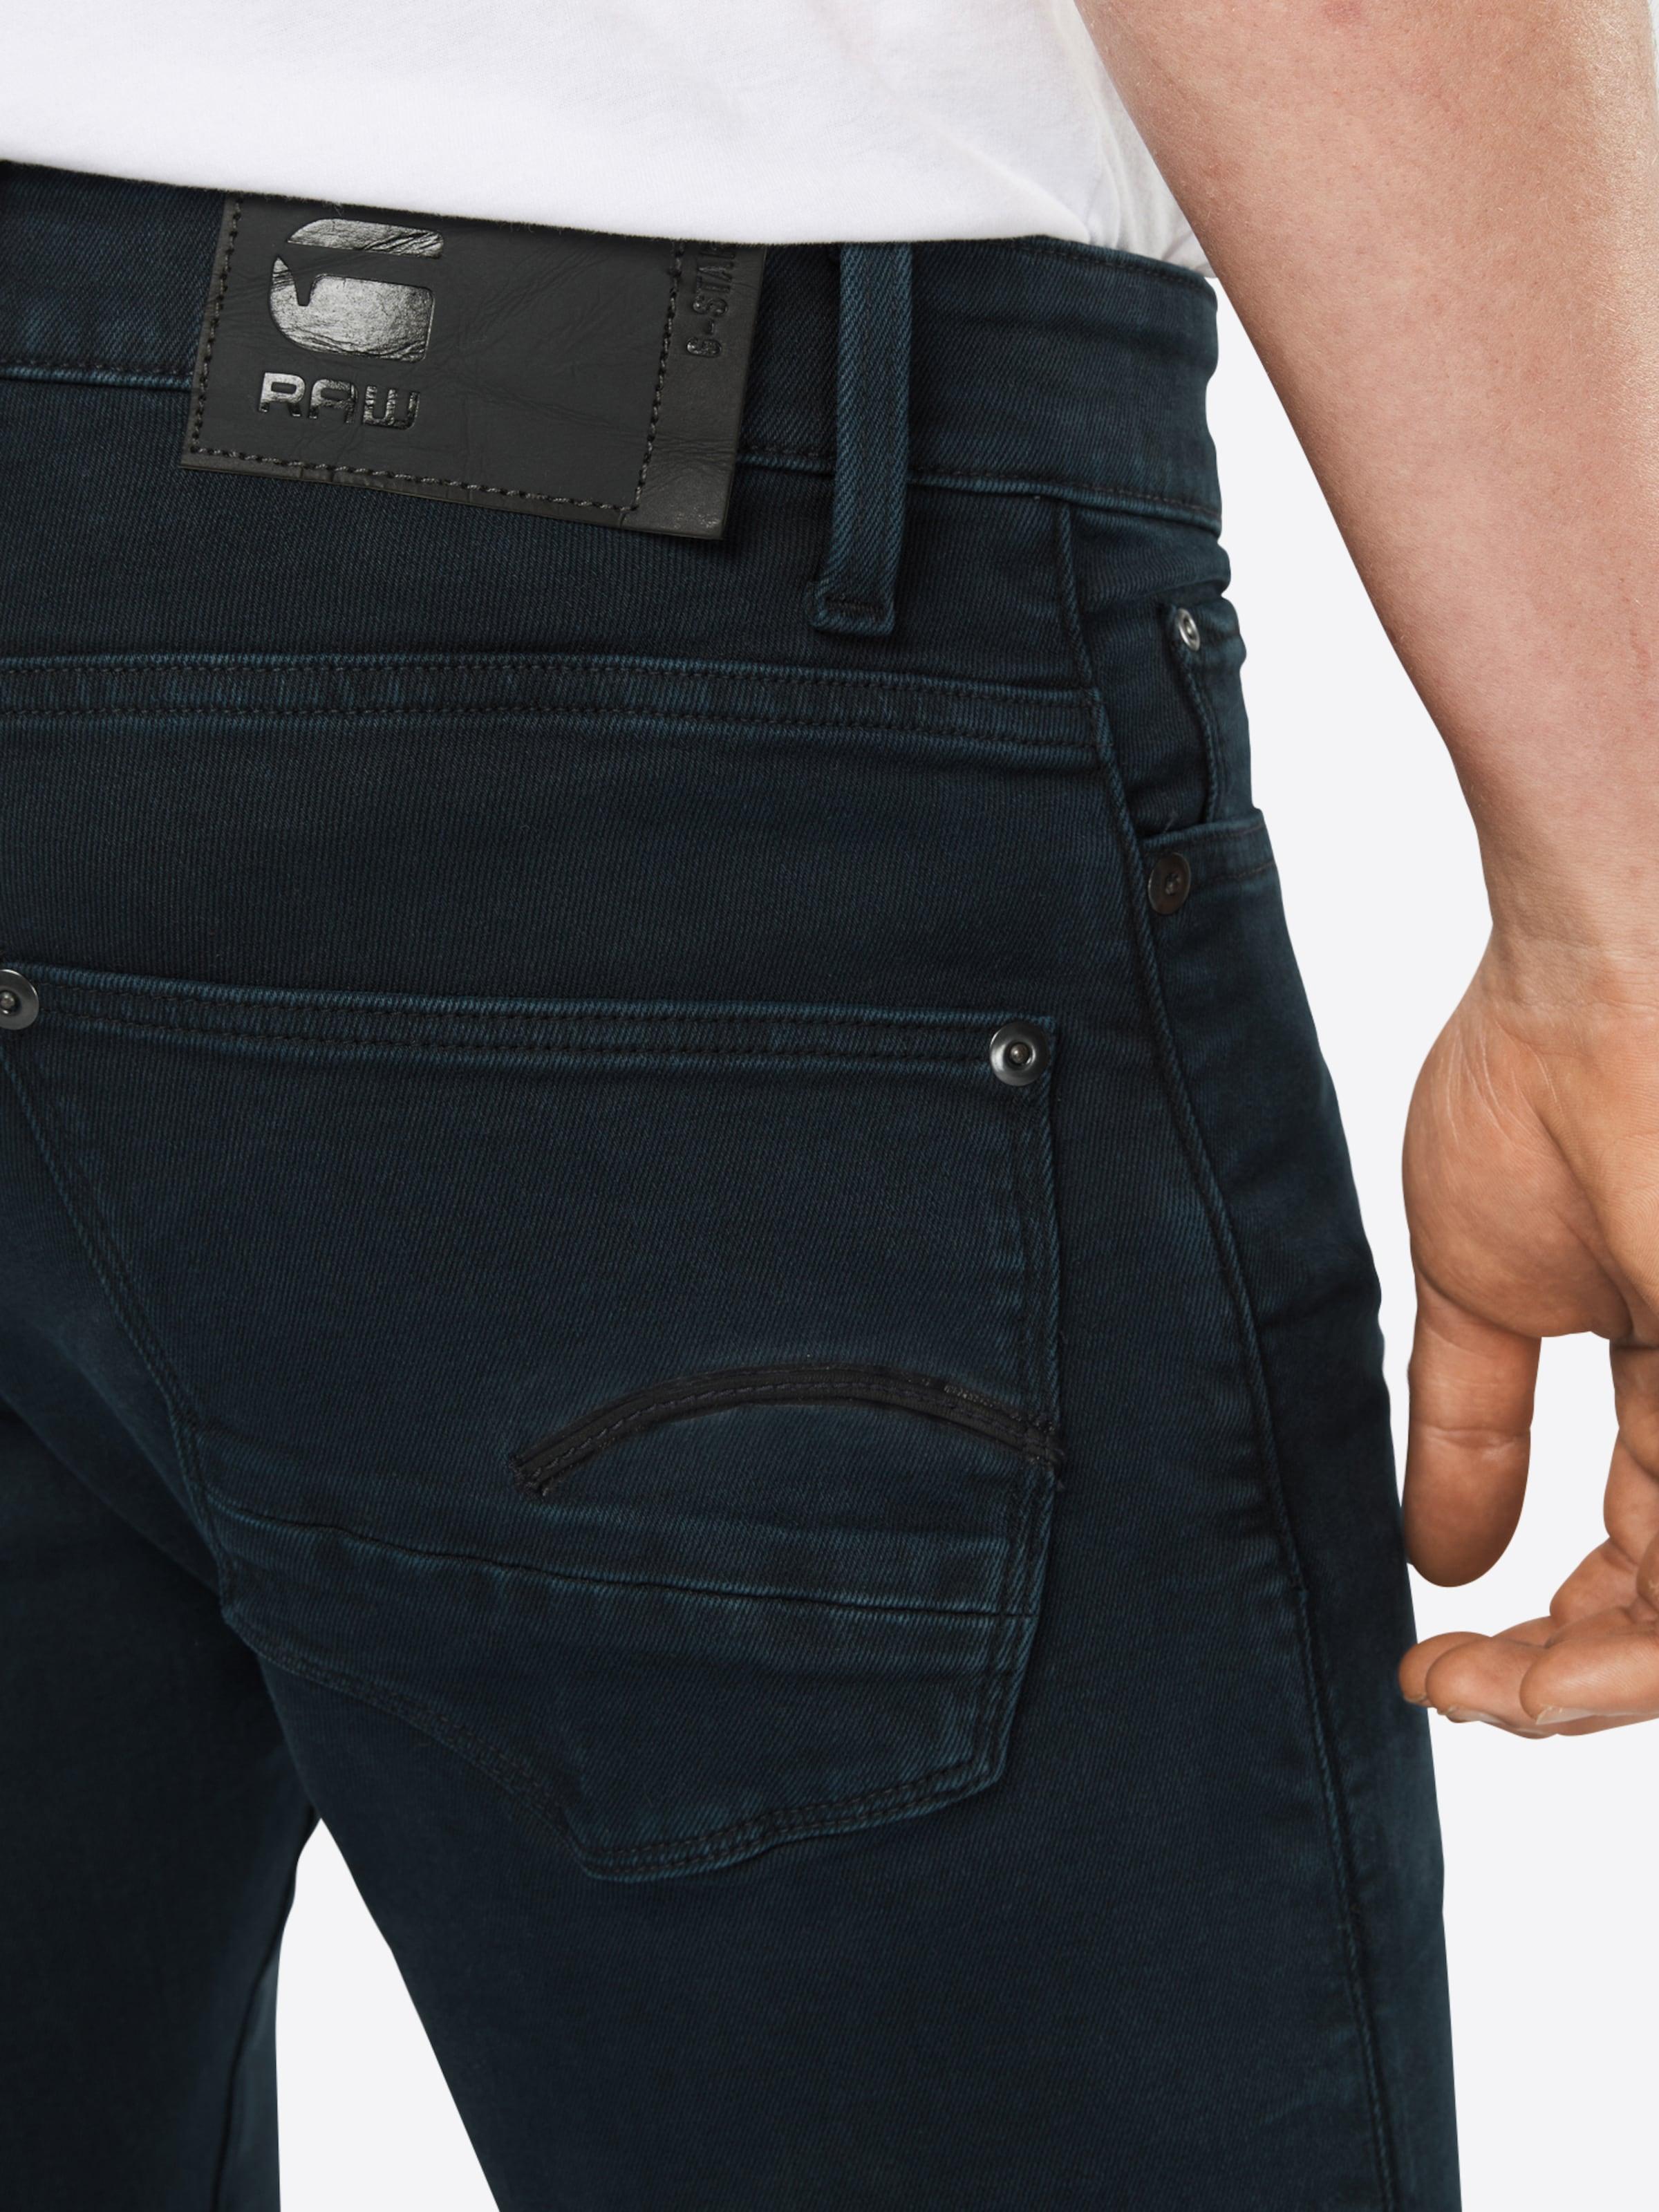 Jeans STAR 'COJ' STAR RAW G Jeans STAR G 'COJ' G RAW w6p0cX4x